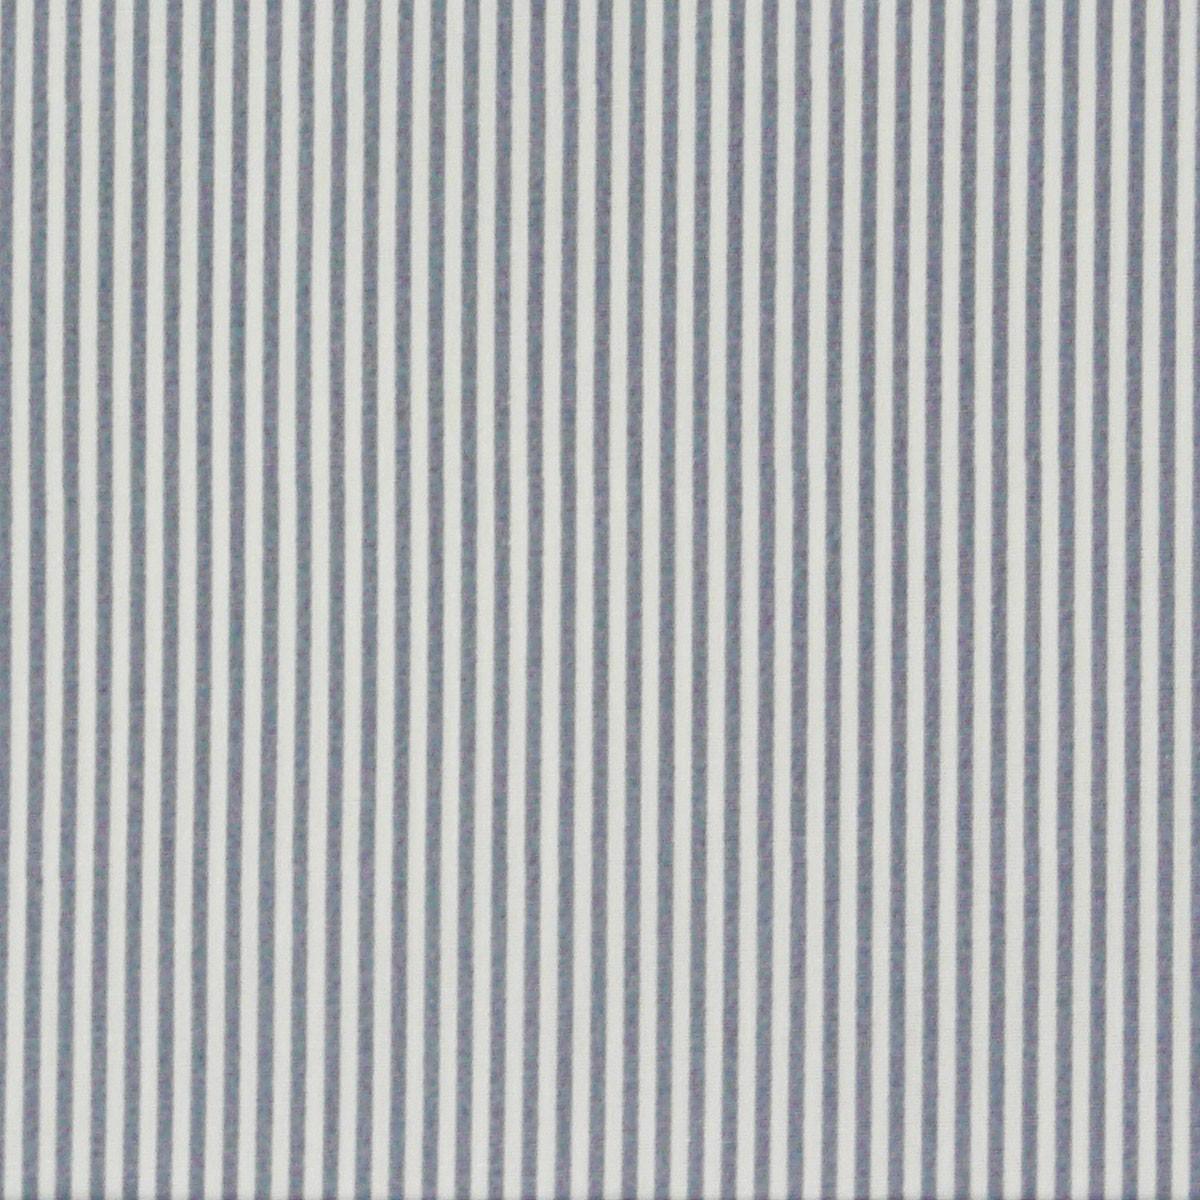 baumwollstoff streifen grau wei 1 4m breite stoffe stoffe gemustert stoff streifen. Black Bedroom Furniture Sets. Home Design Ideas